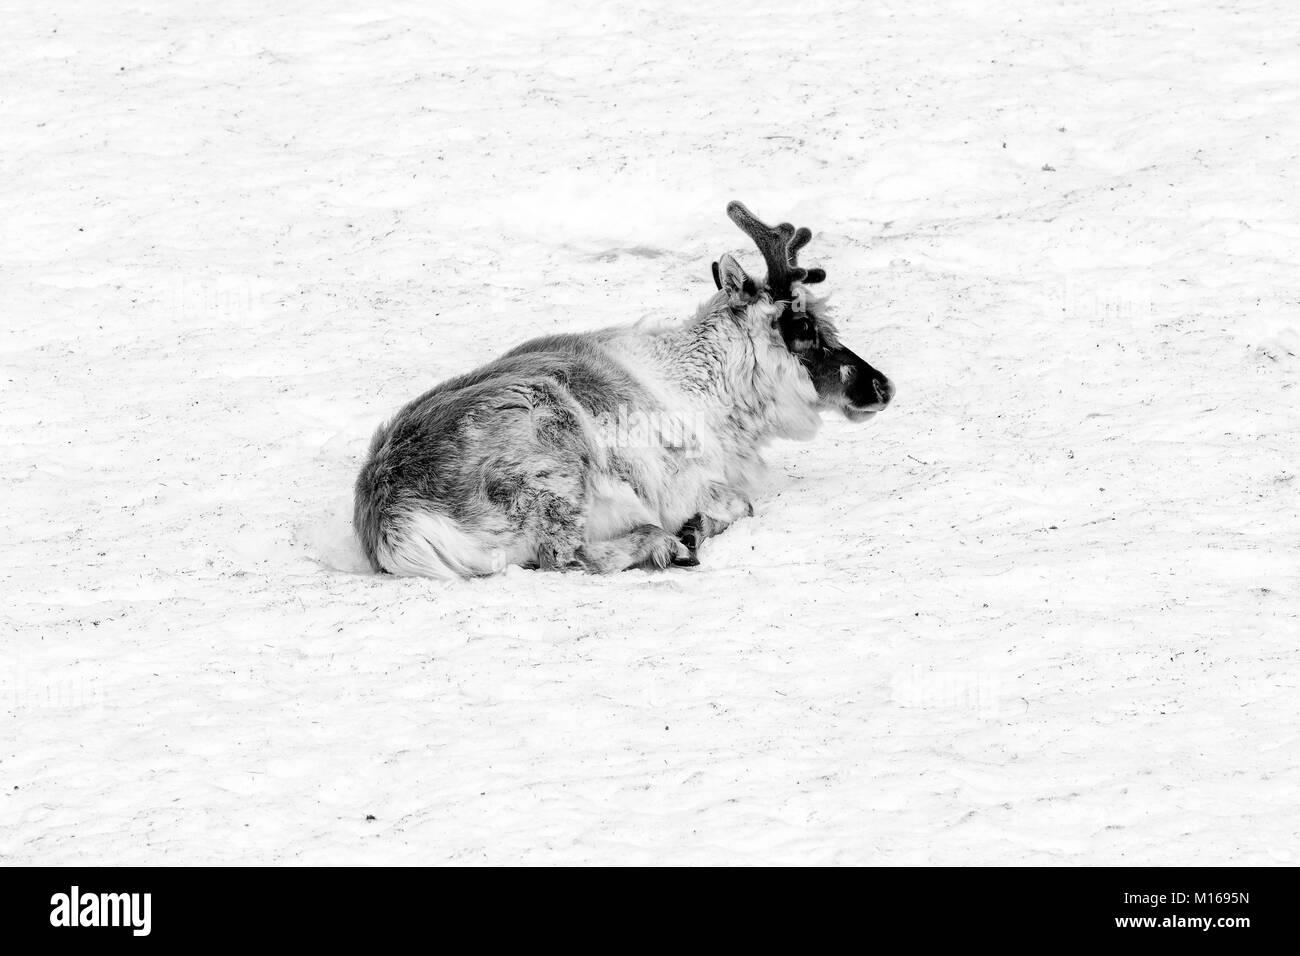 reindeer relaxing in a snowfield in Spitsbergen, Svalbard, Norway - Stock Image